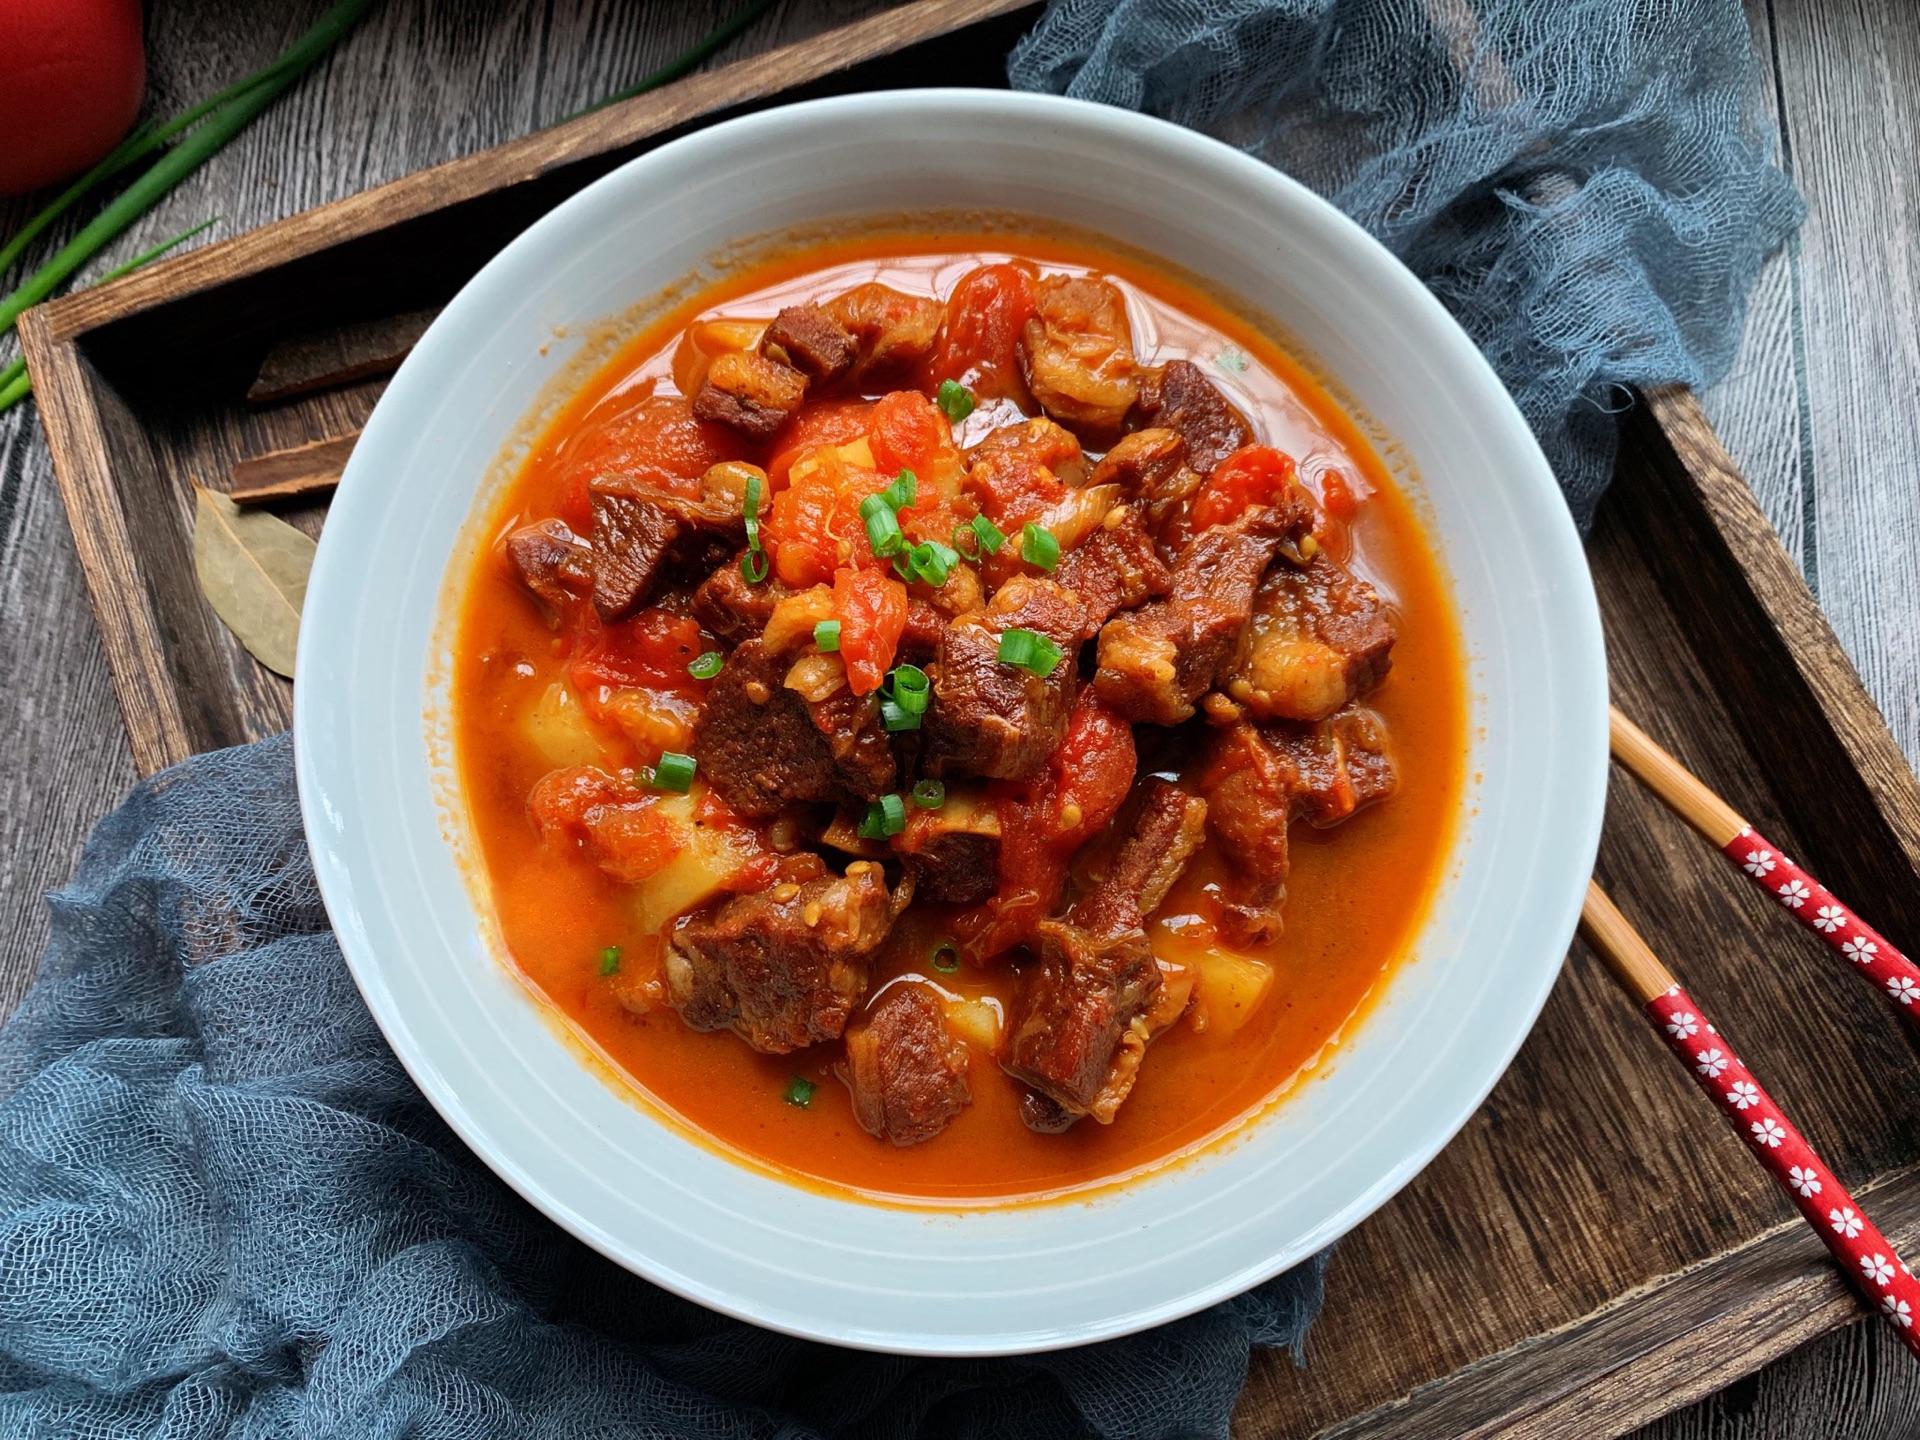 番茄土豆炖牛腩怎么做_番茄土豆炖牛腩的做法_薄荷糖的味道818_豆果美食